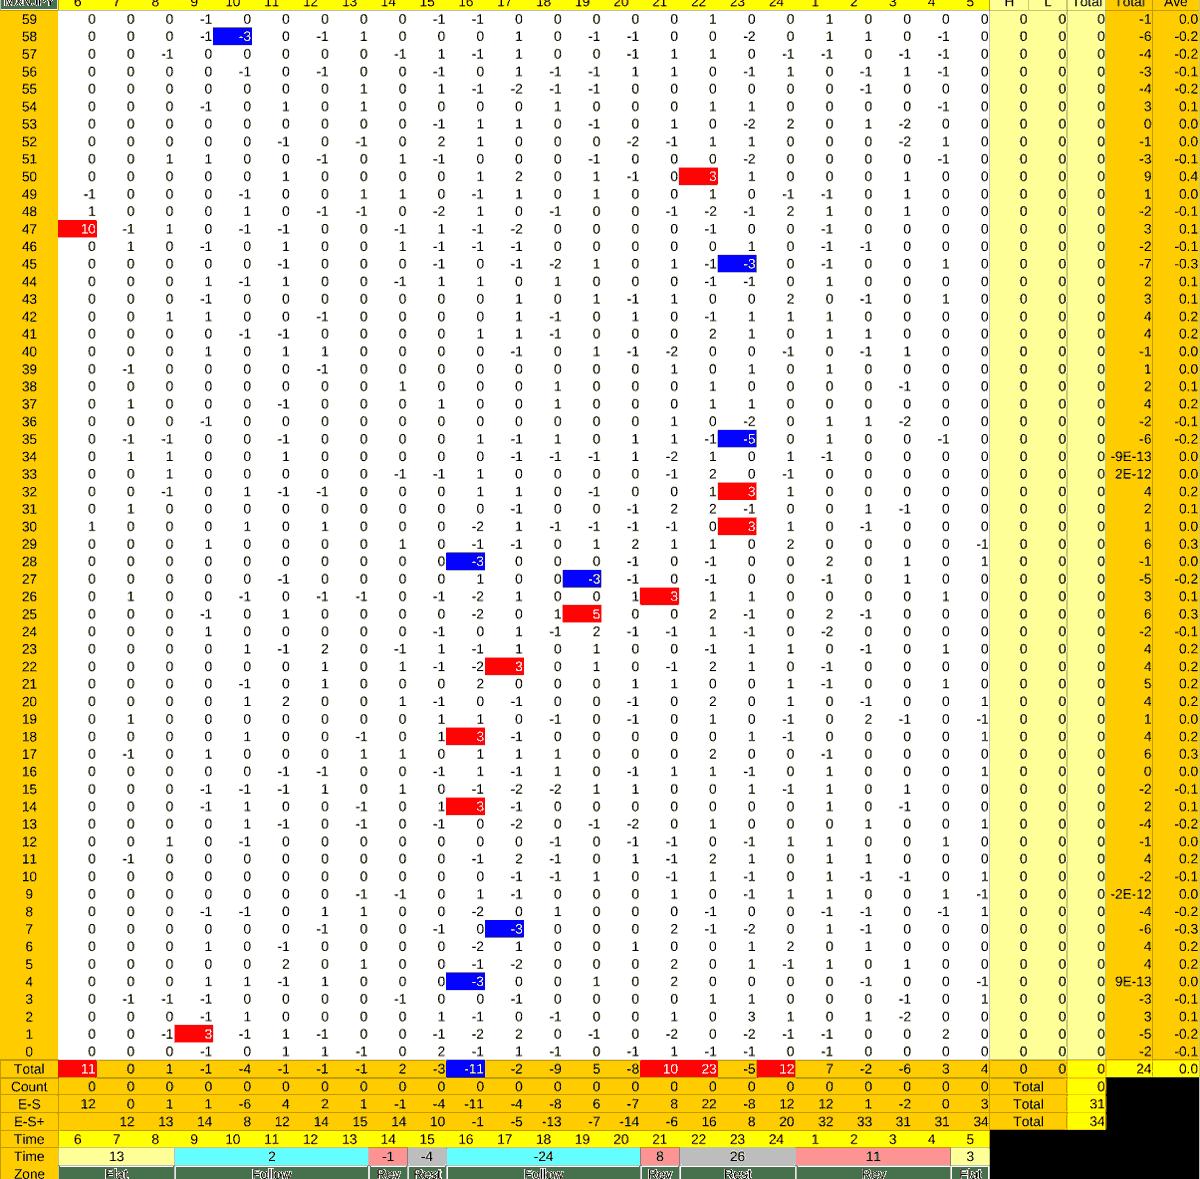 20210924_HS(3)MXNJPY-min